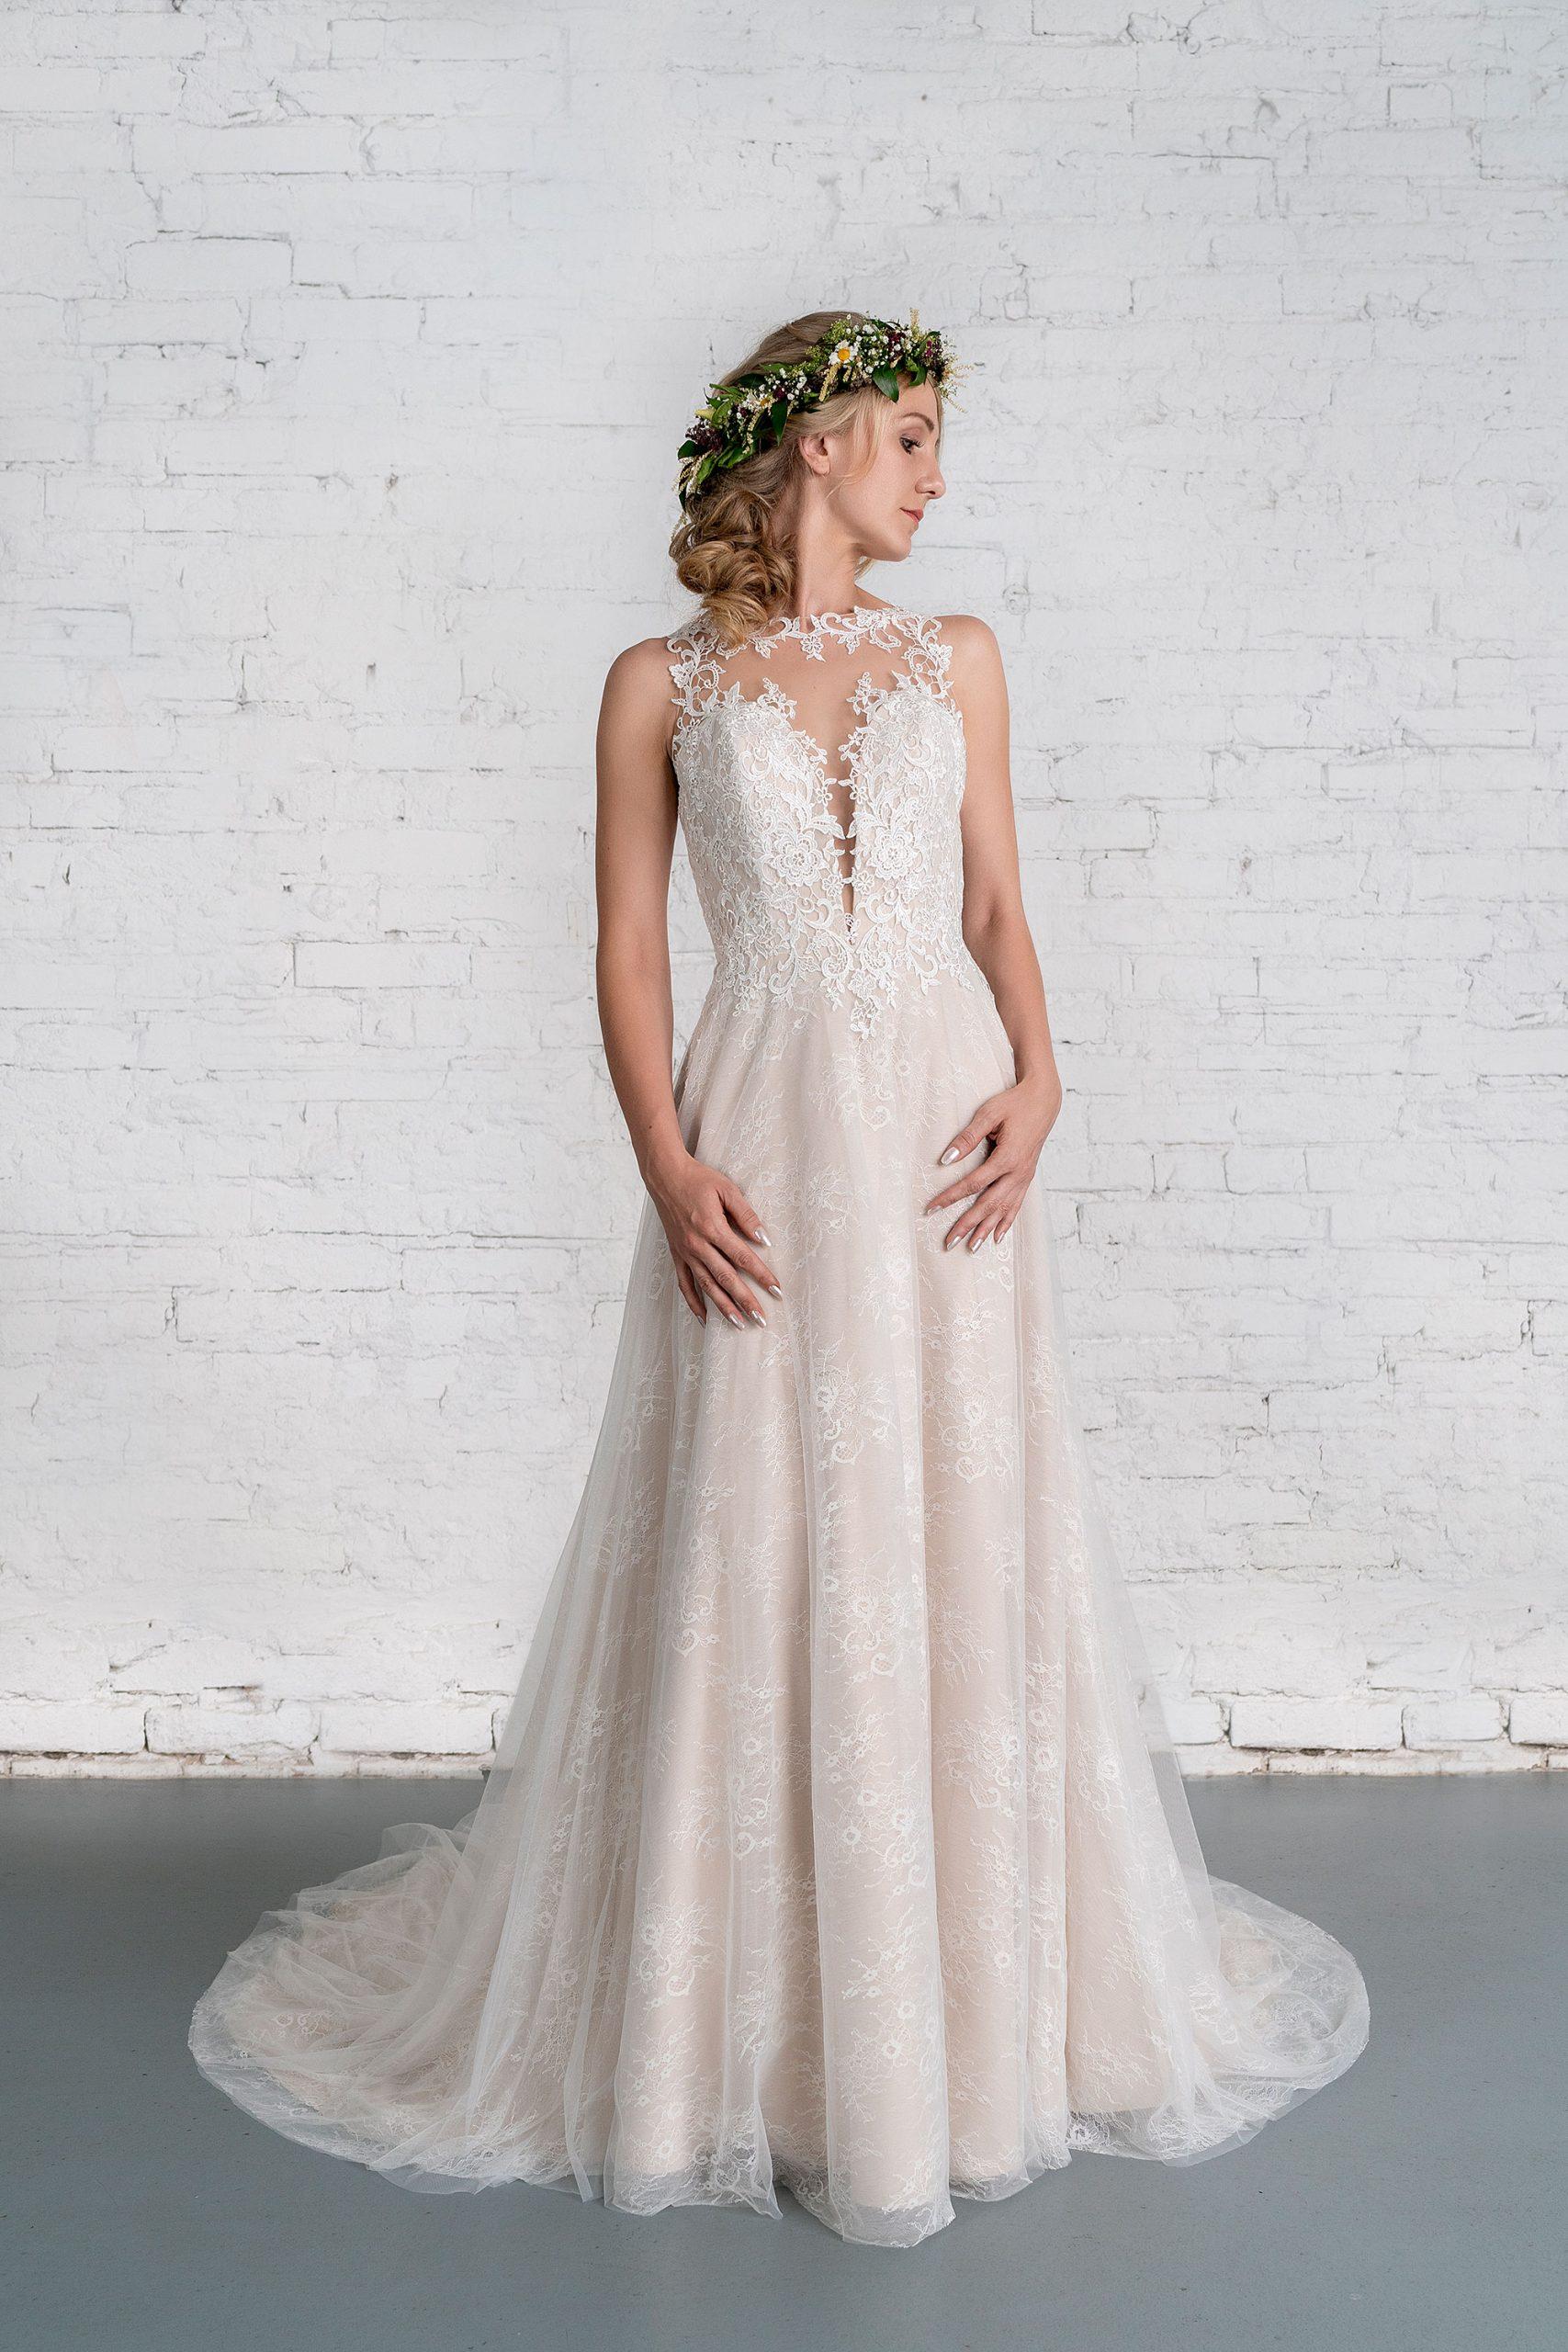 Brautkleid R01187 - Avorio Vestito